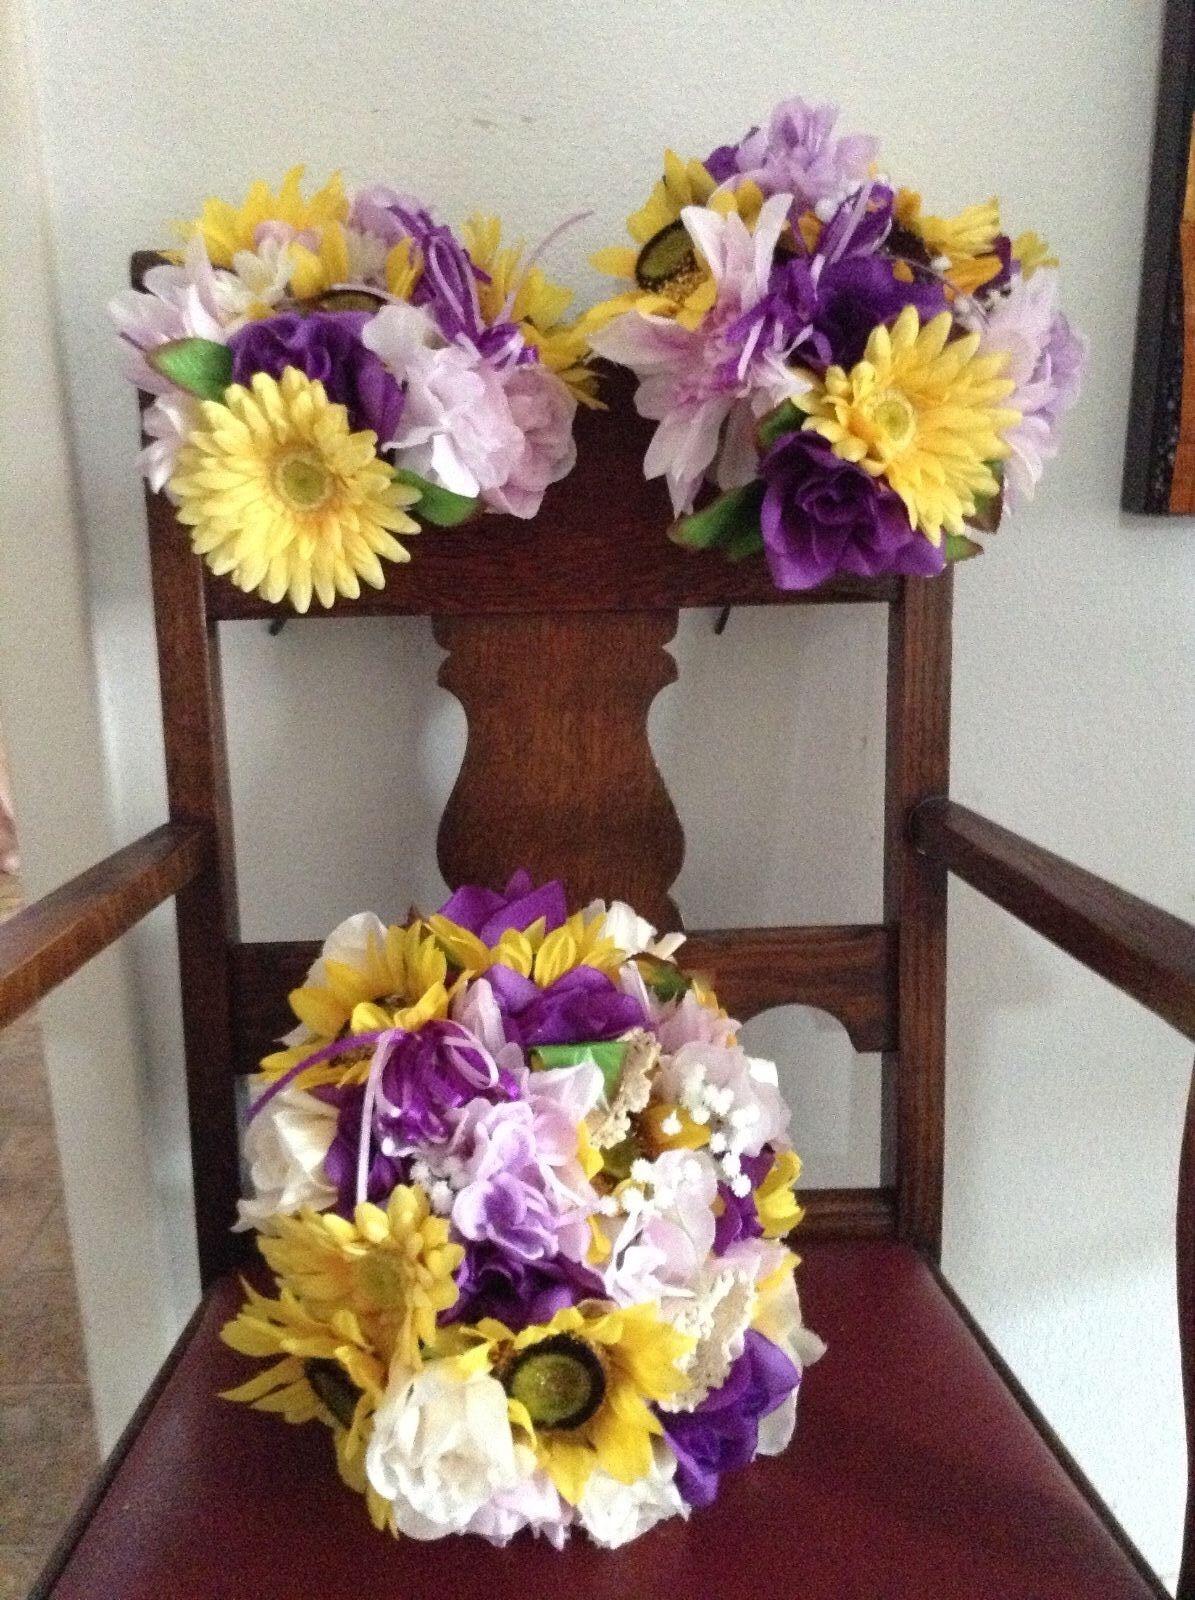 Mariage Fleurs Mariage bouquets décoration TOURNESOLS Lavender violet énorme